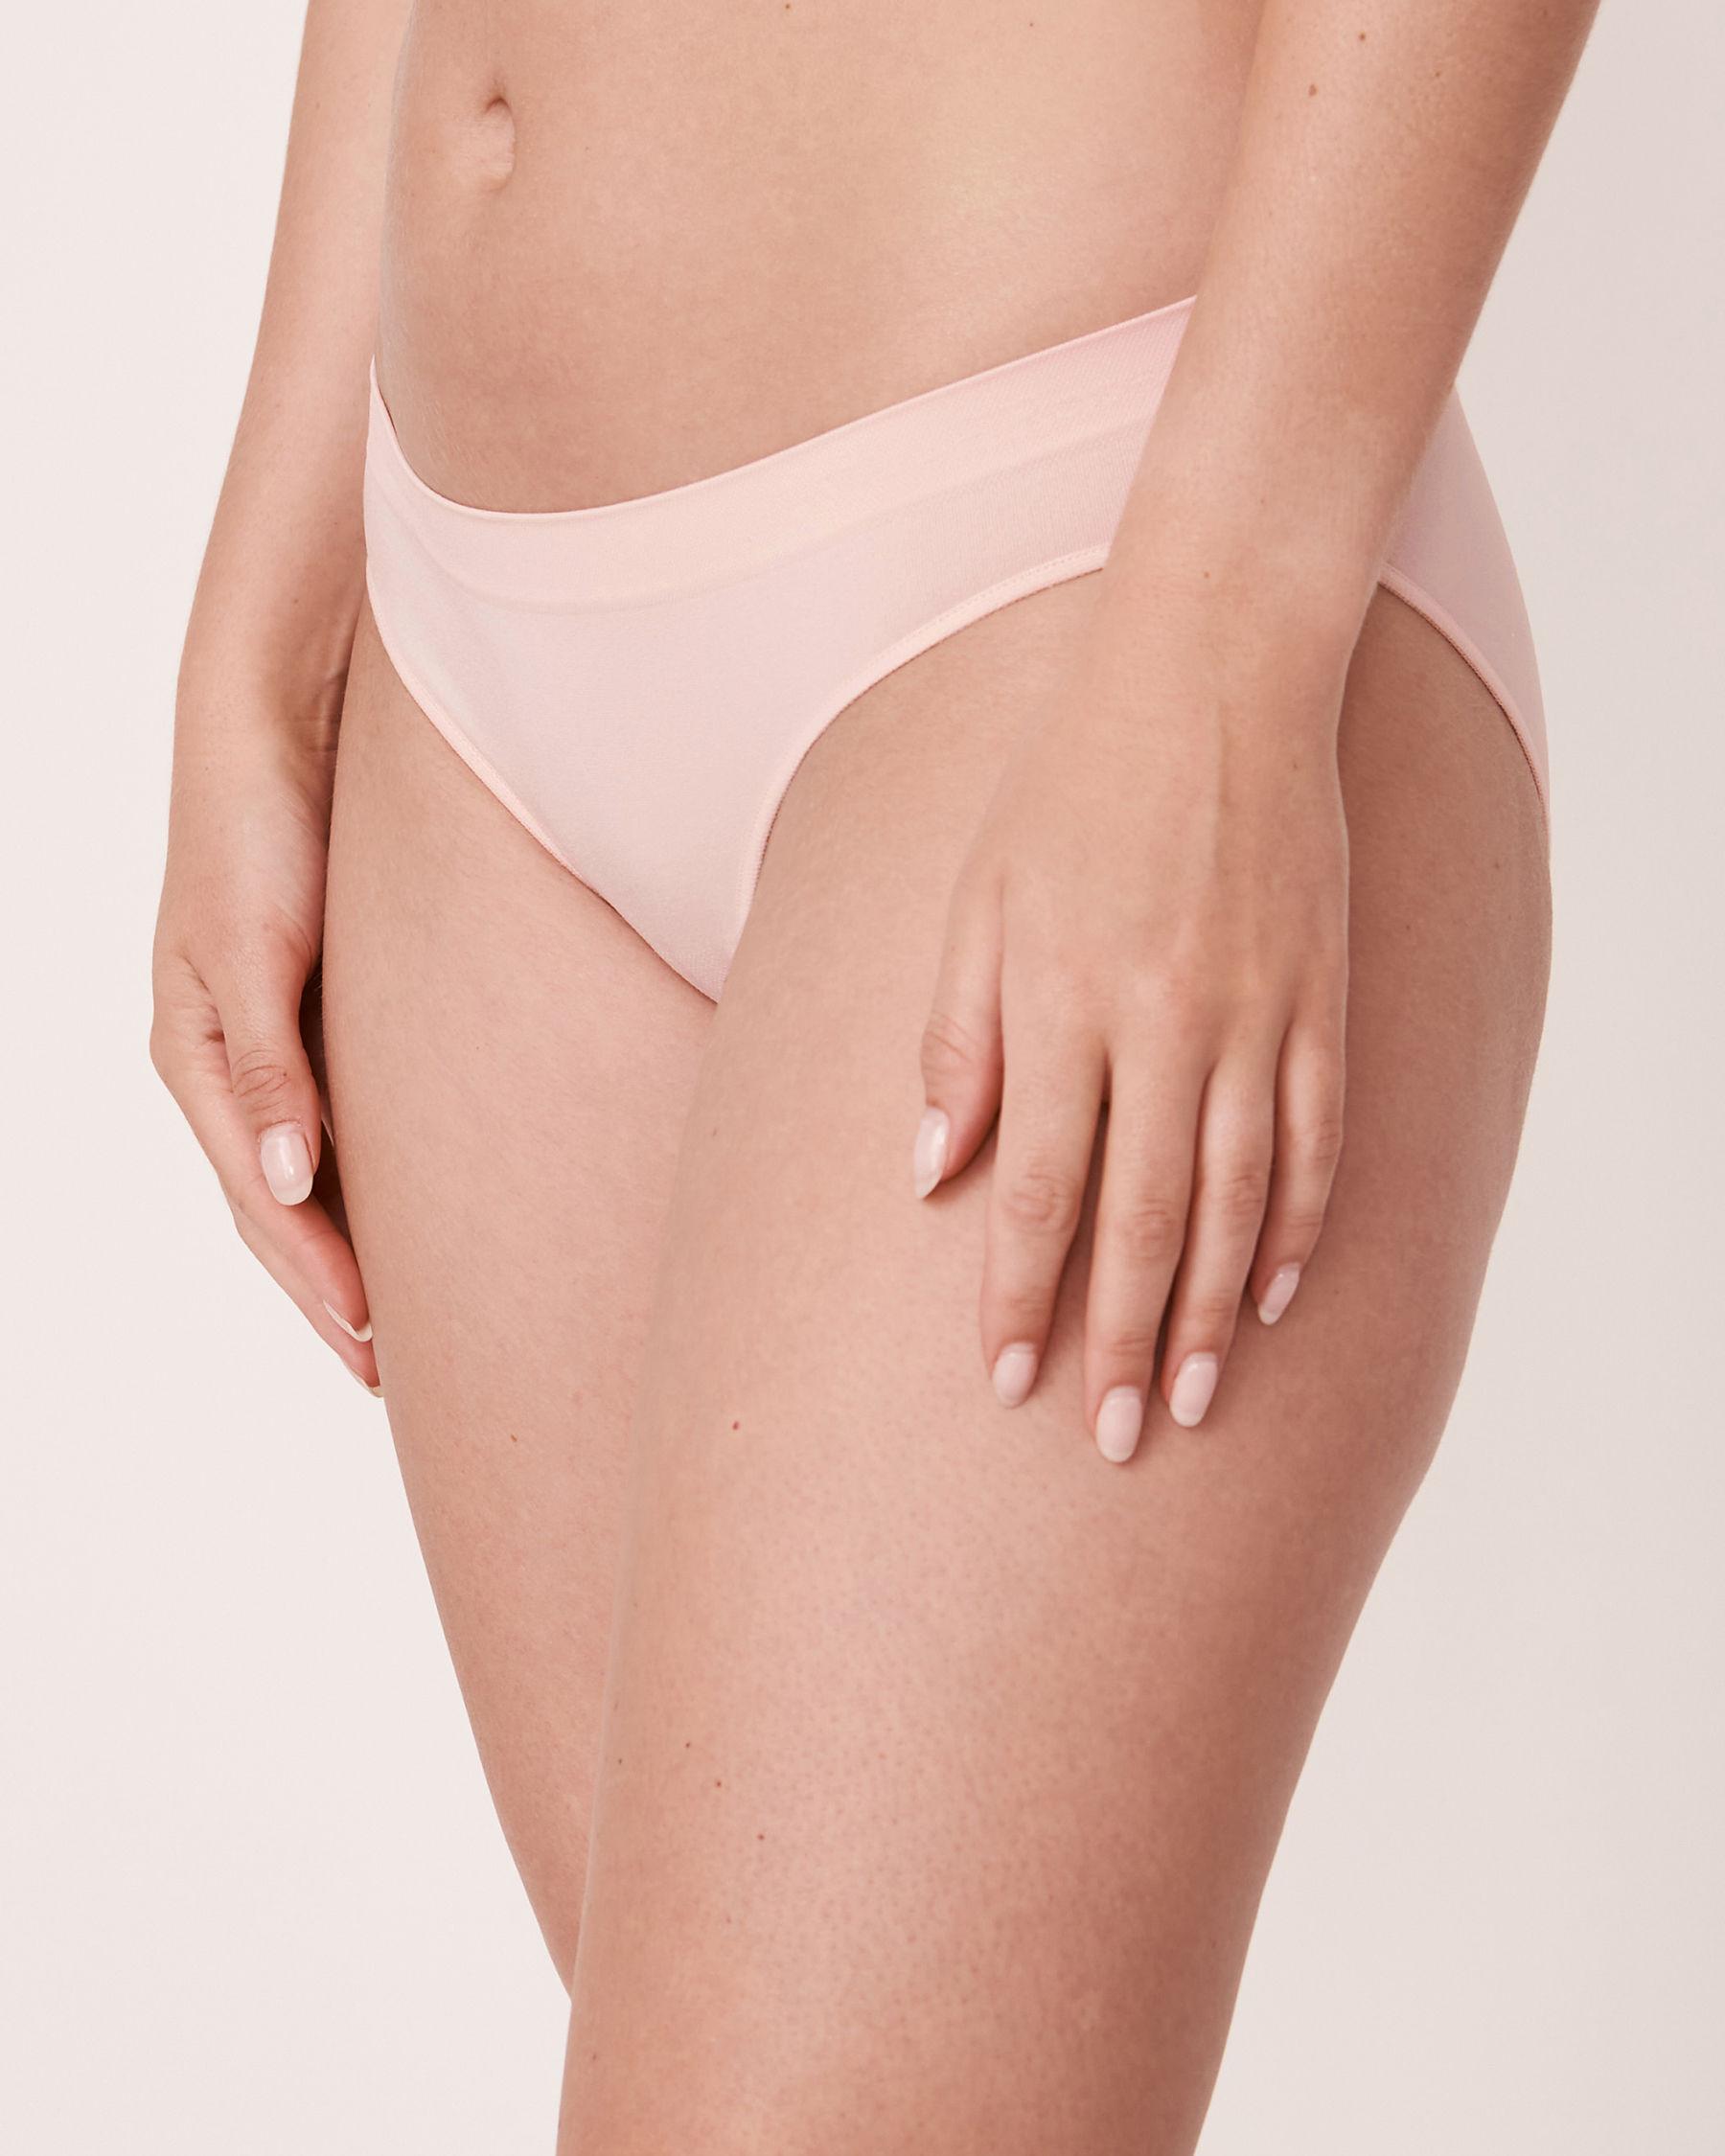 LA VIE EN ROSE Seamless Bikini Panty Light pink 20200037 - View1